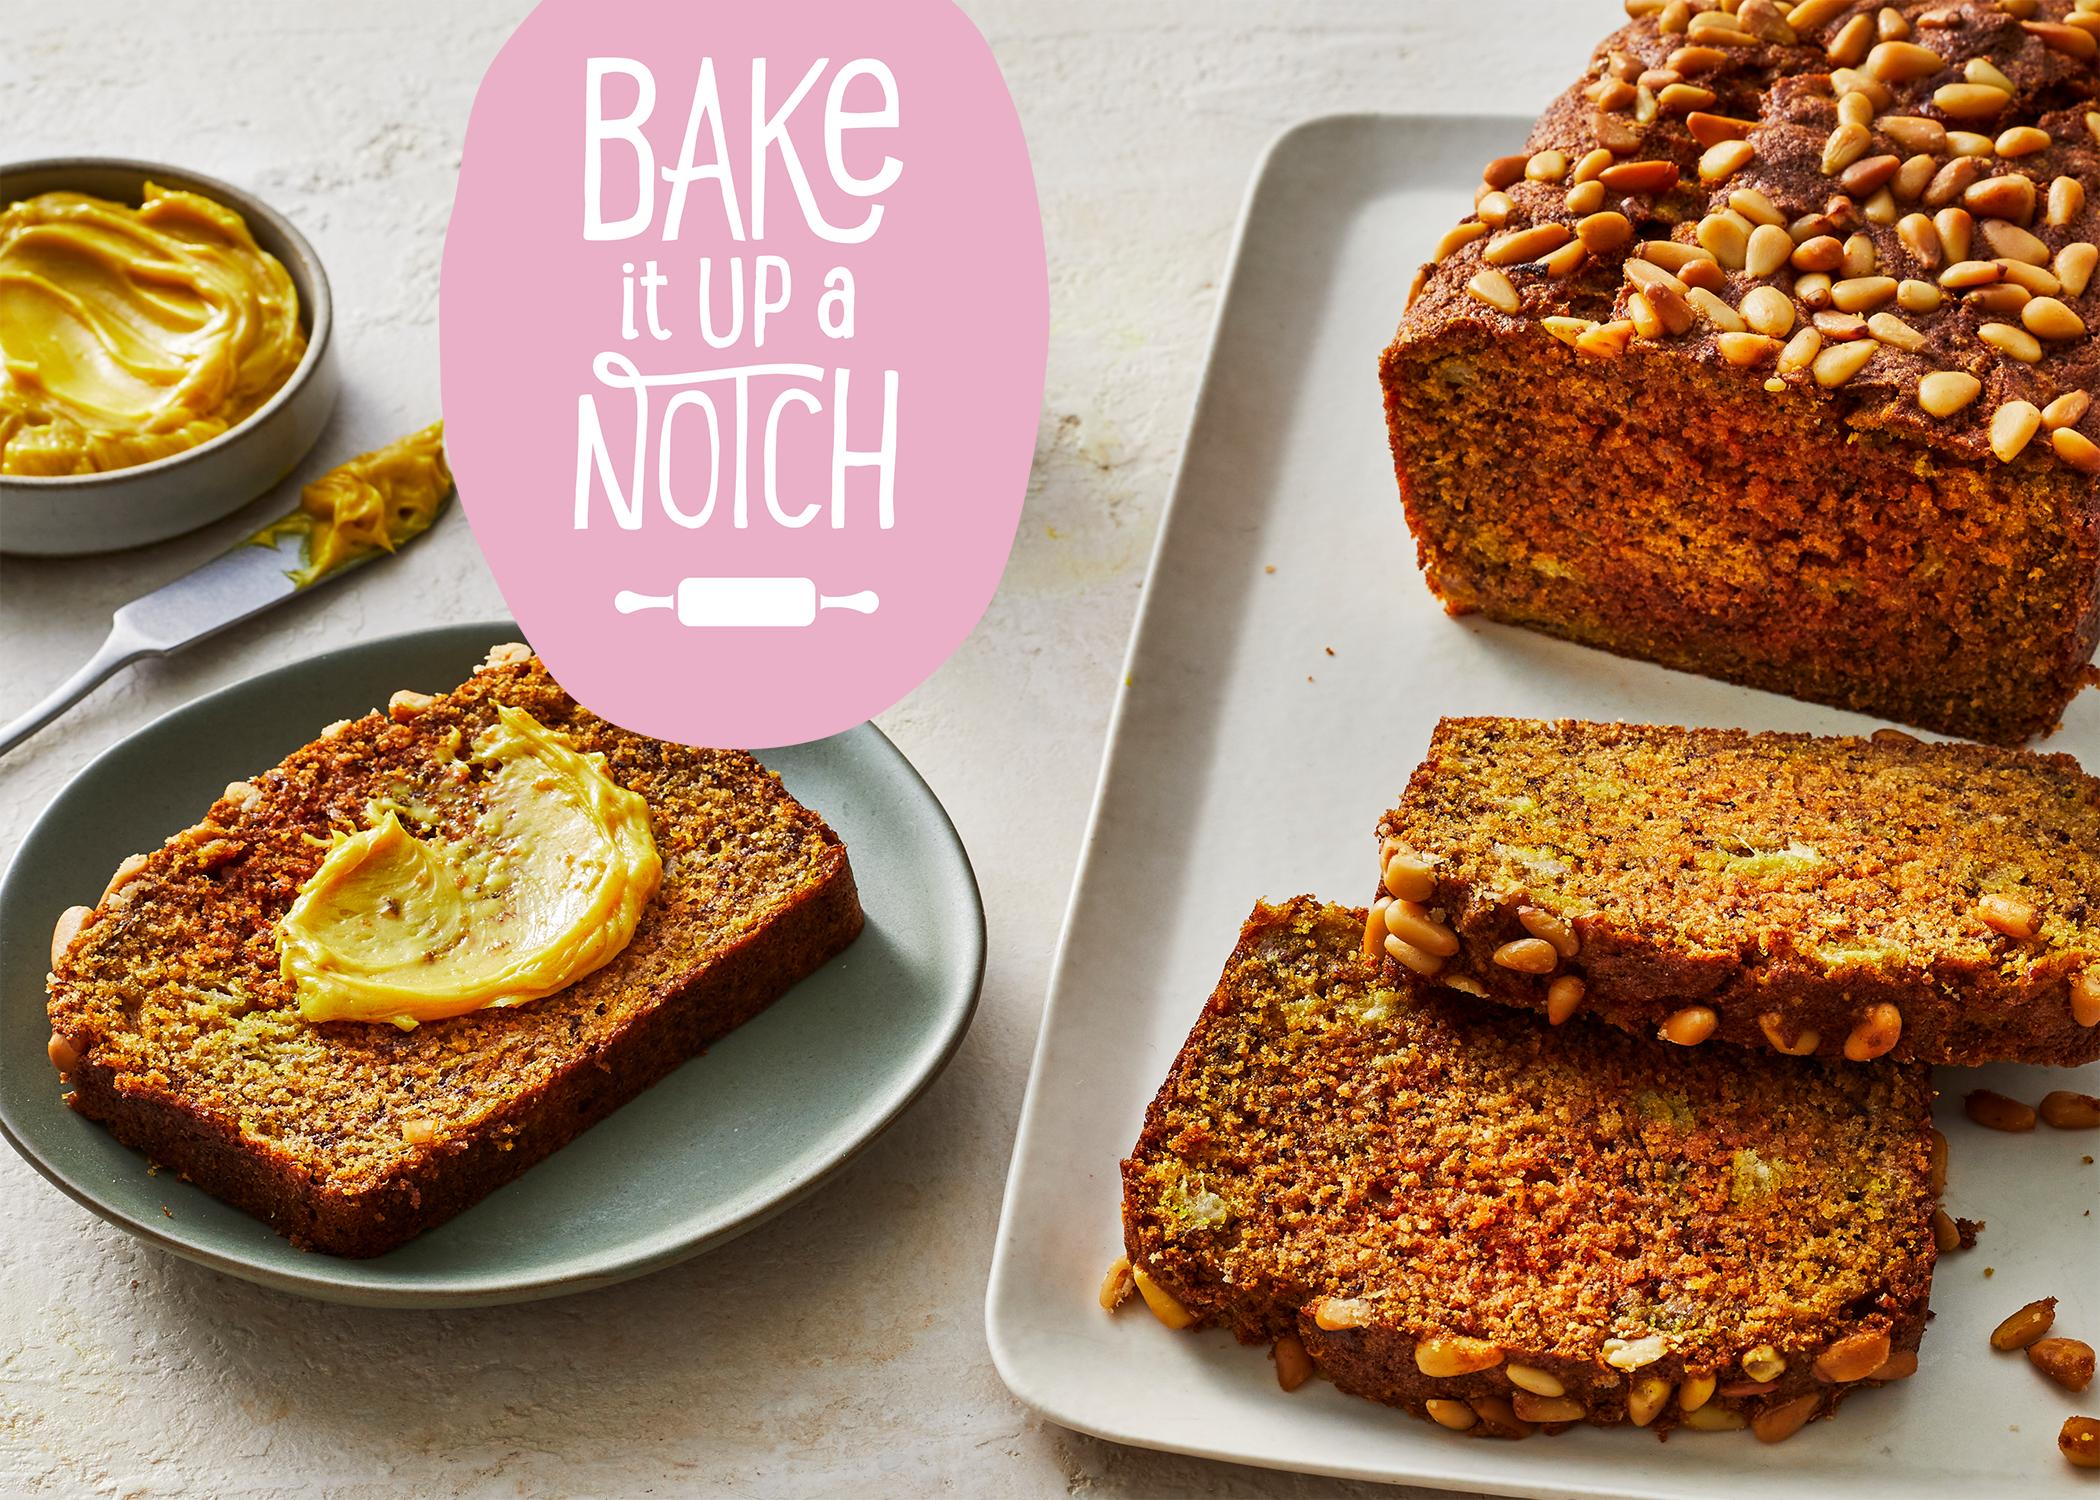 Bake It Up a Notch Turmeric Banana Bread image